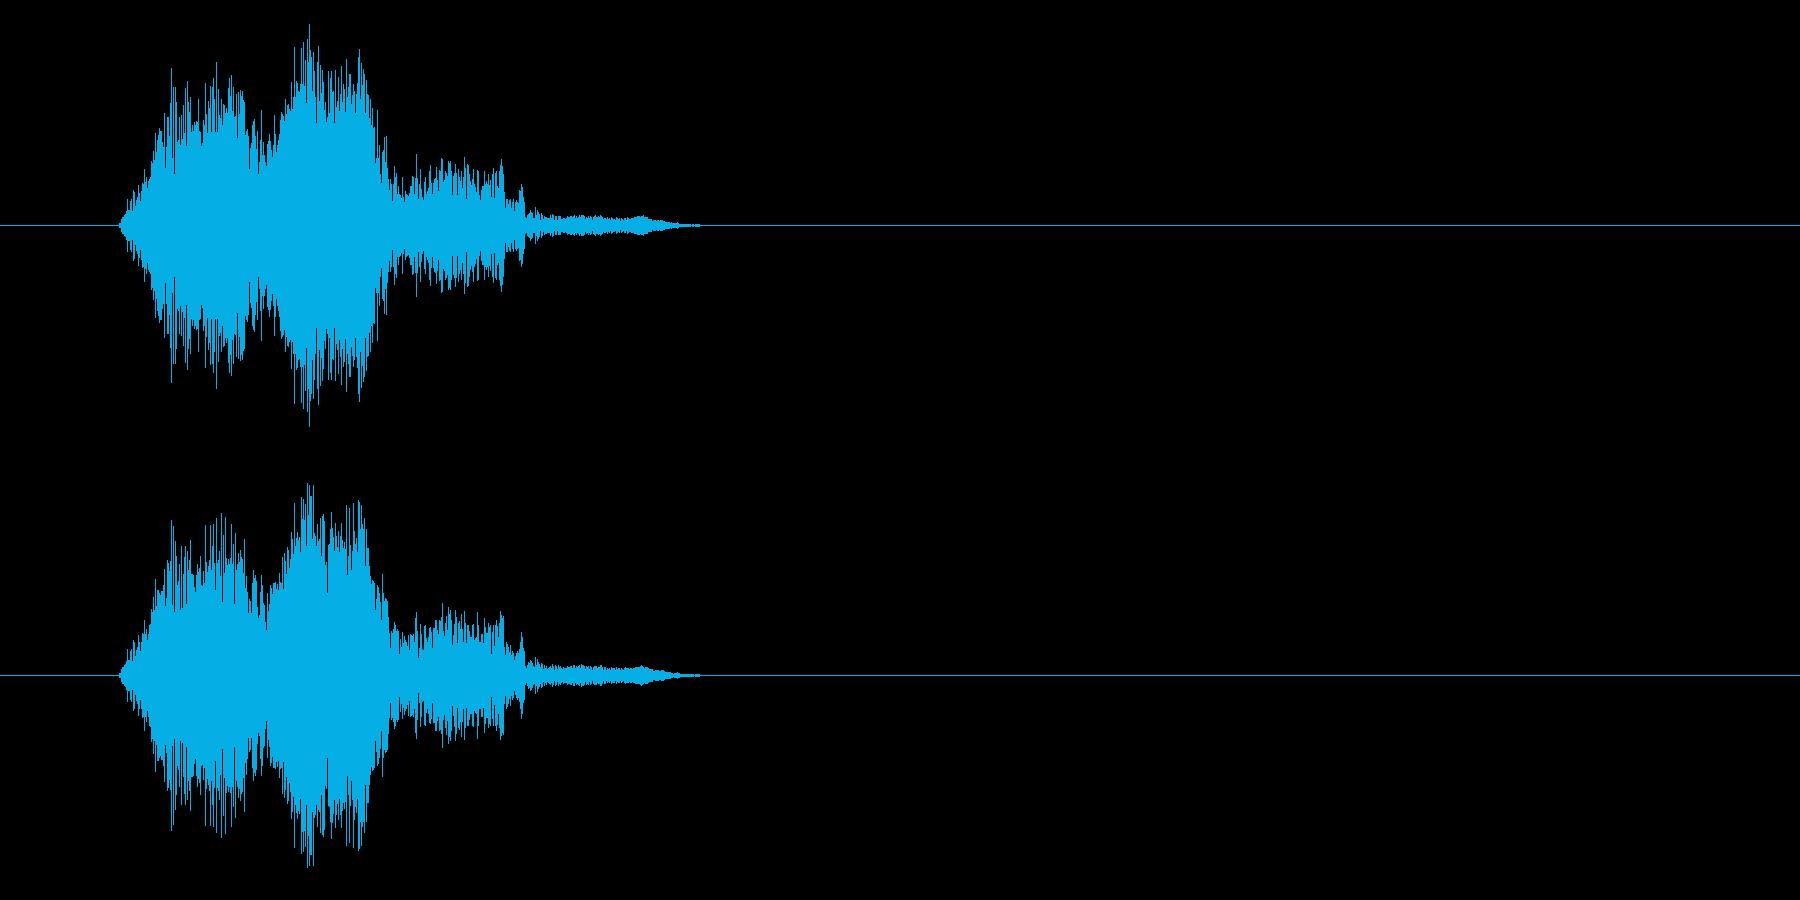 かわいい動作SEの再生済みの波形